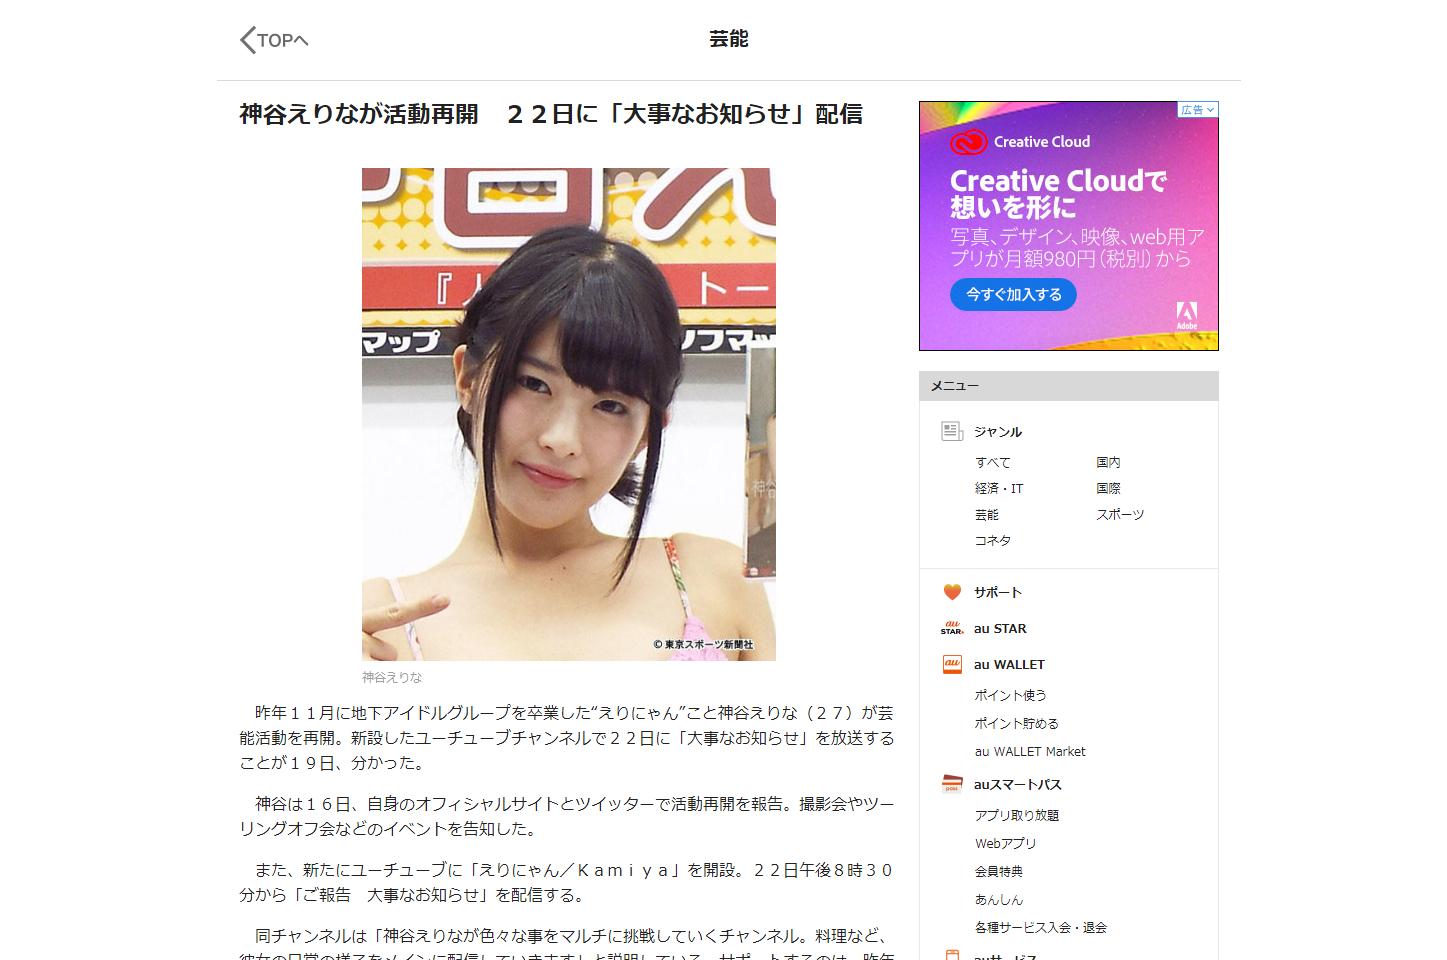 神谷えりなが活動再開 22日に「大事なお知らせ」配信 - au Webポータル芸能ニュース